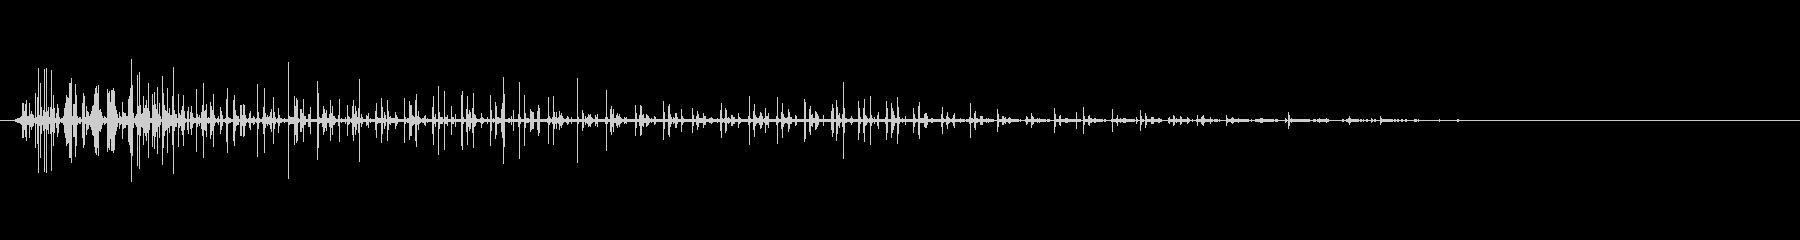 馬-グレイヴル-遠い-GALOPEの未再生の波形